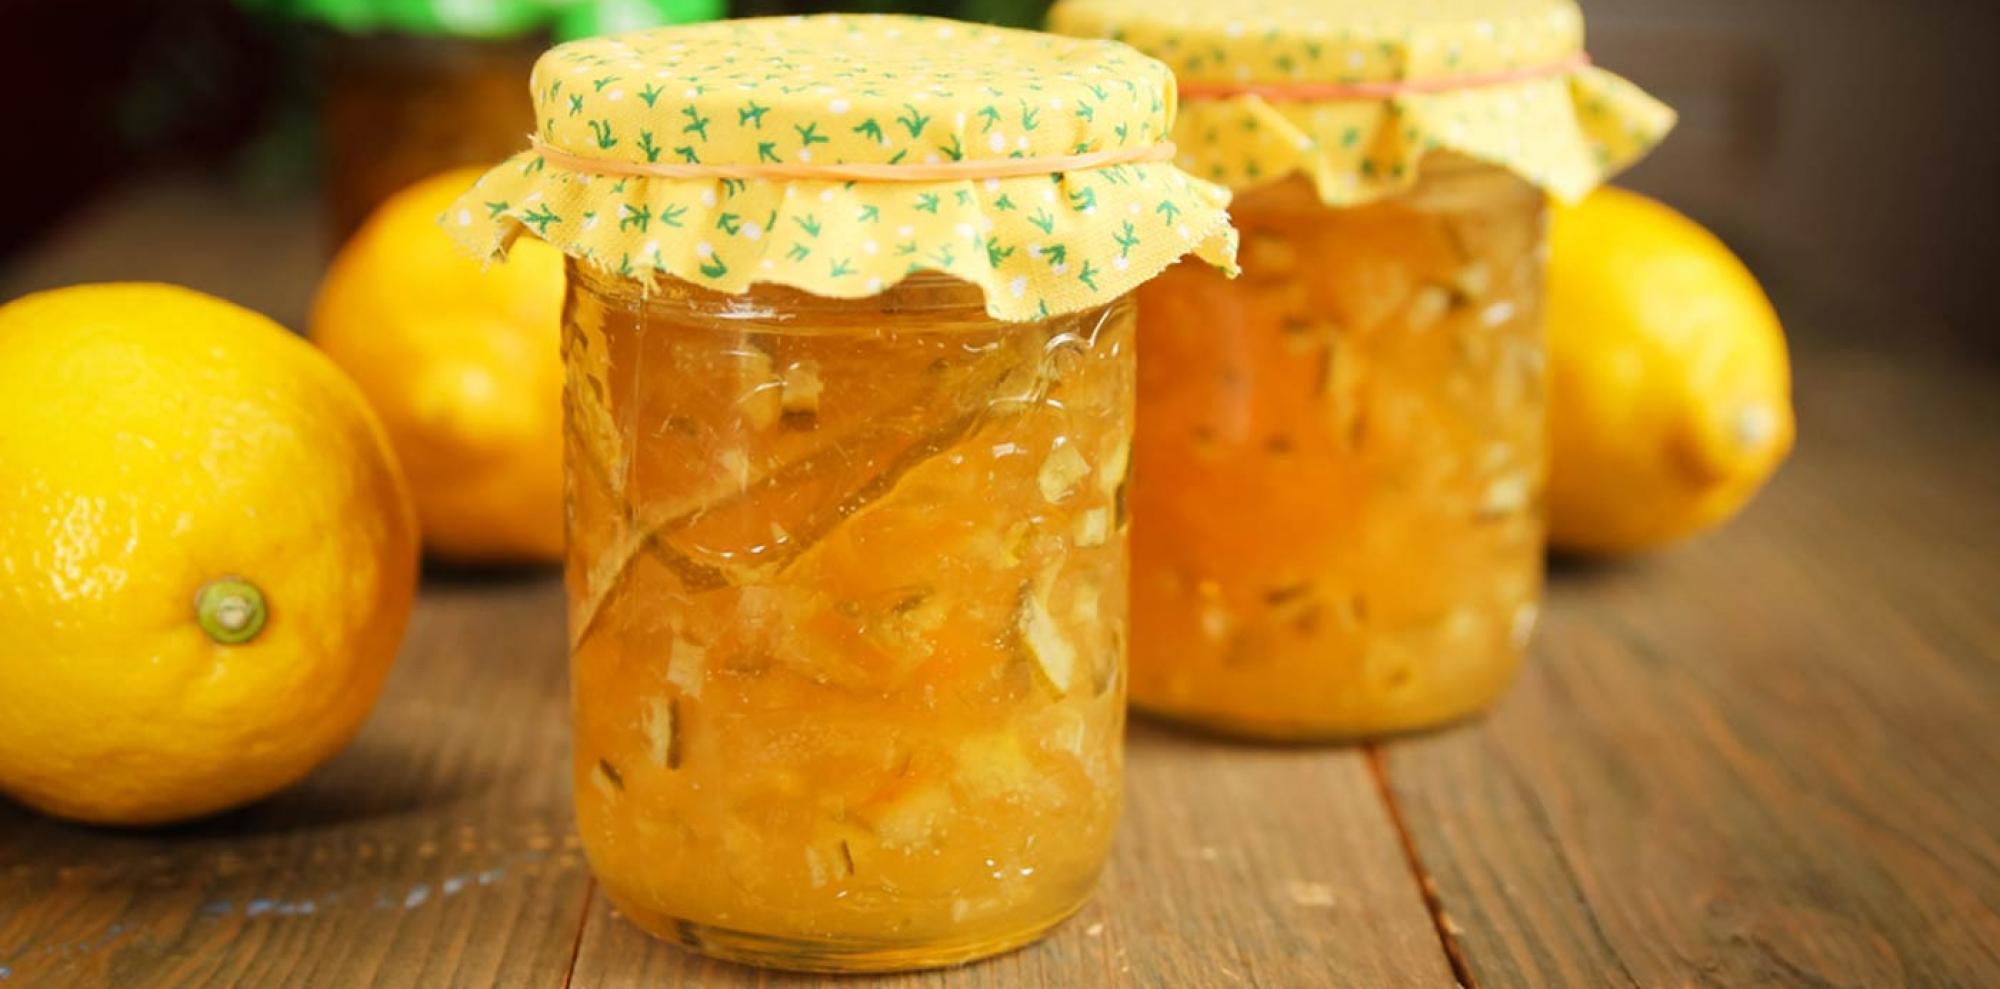 Lemon marmalades